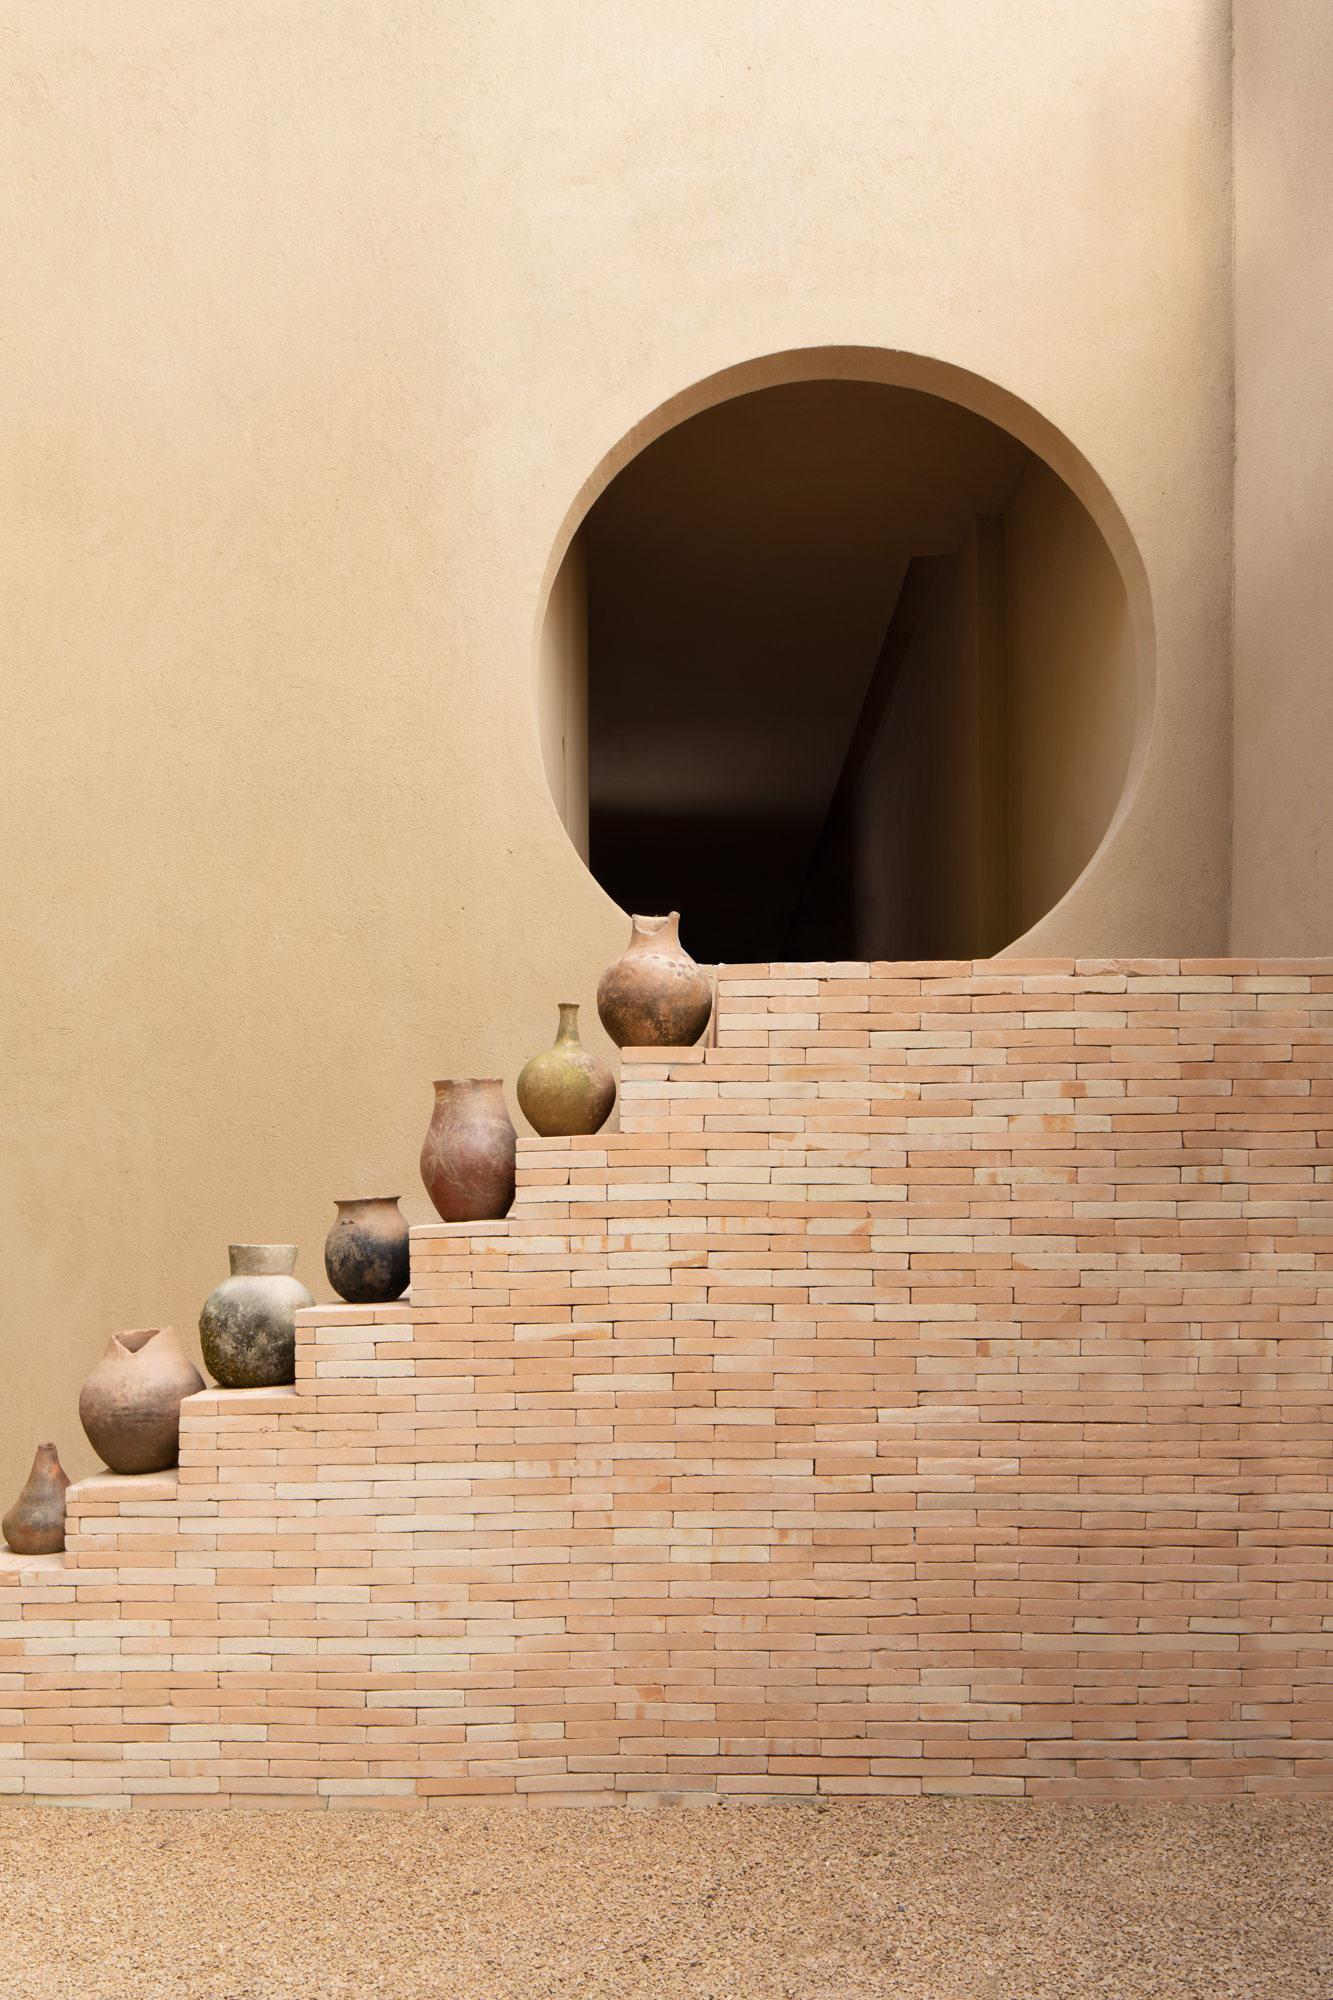 ilaria fatone - escalier en brique et vases en terracotta